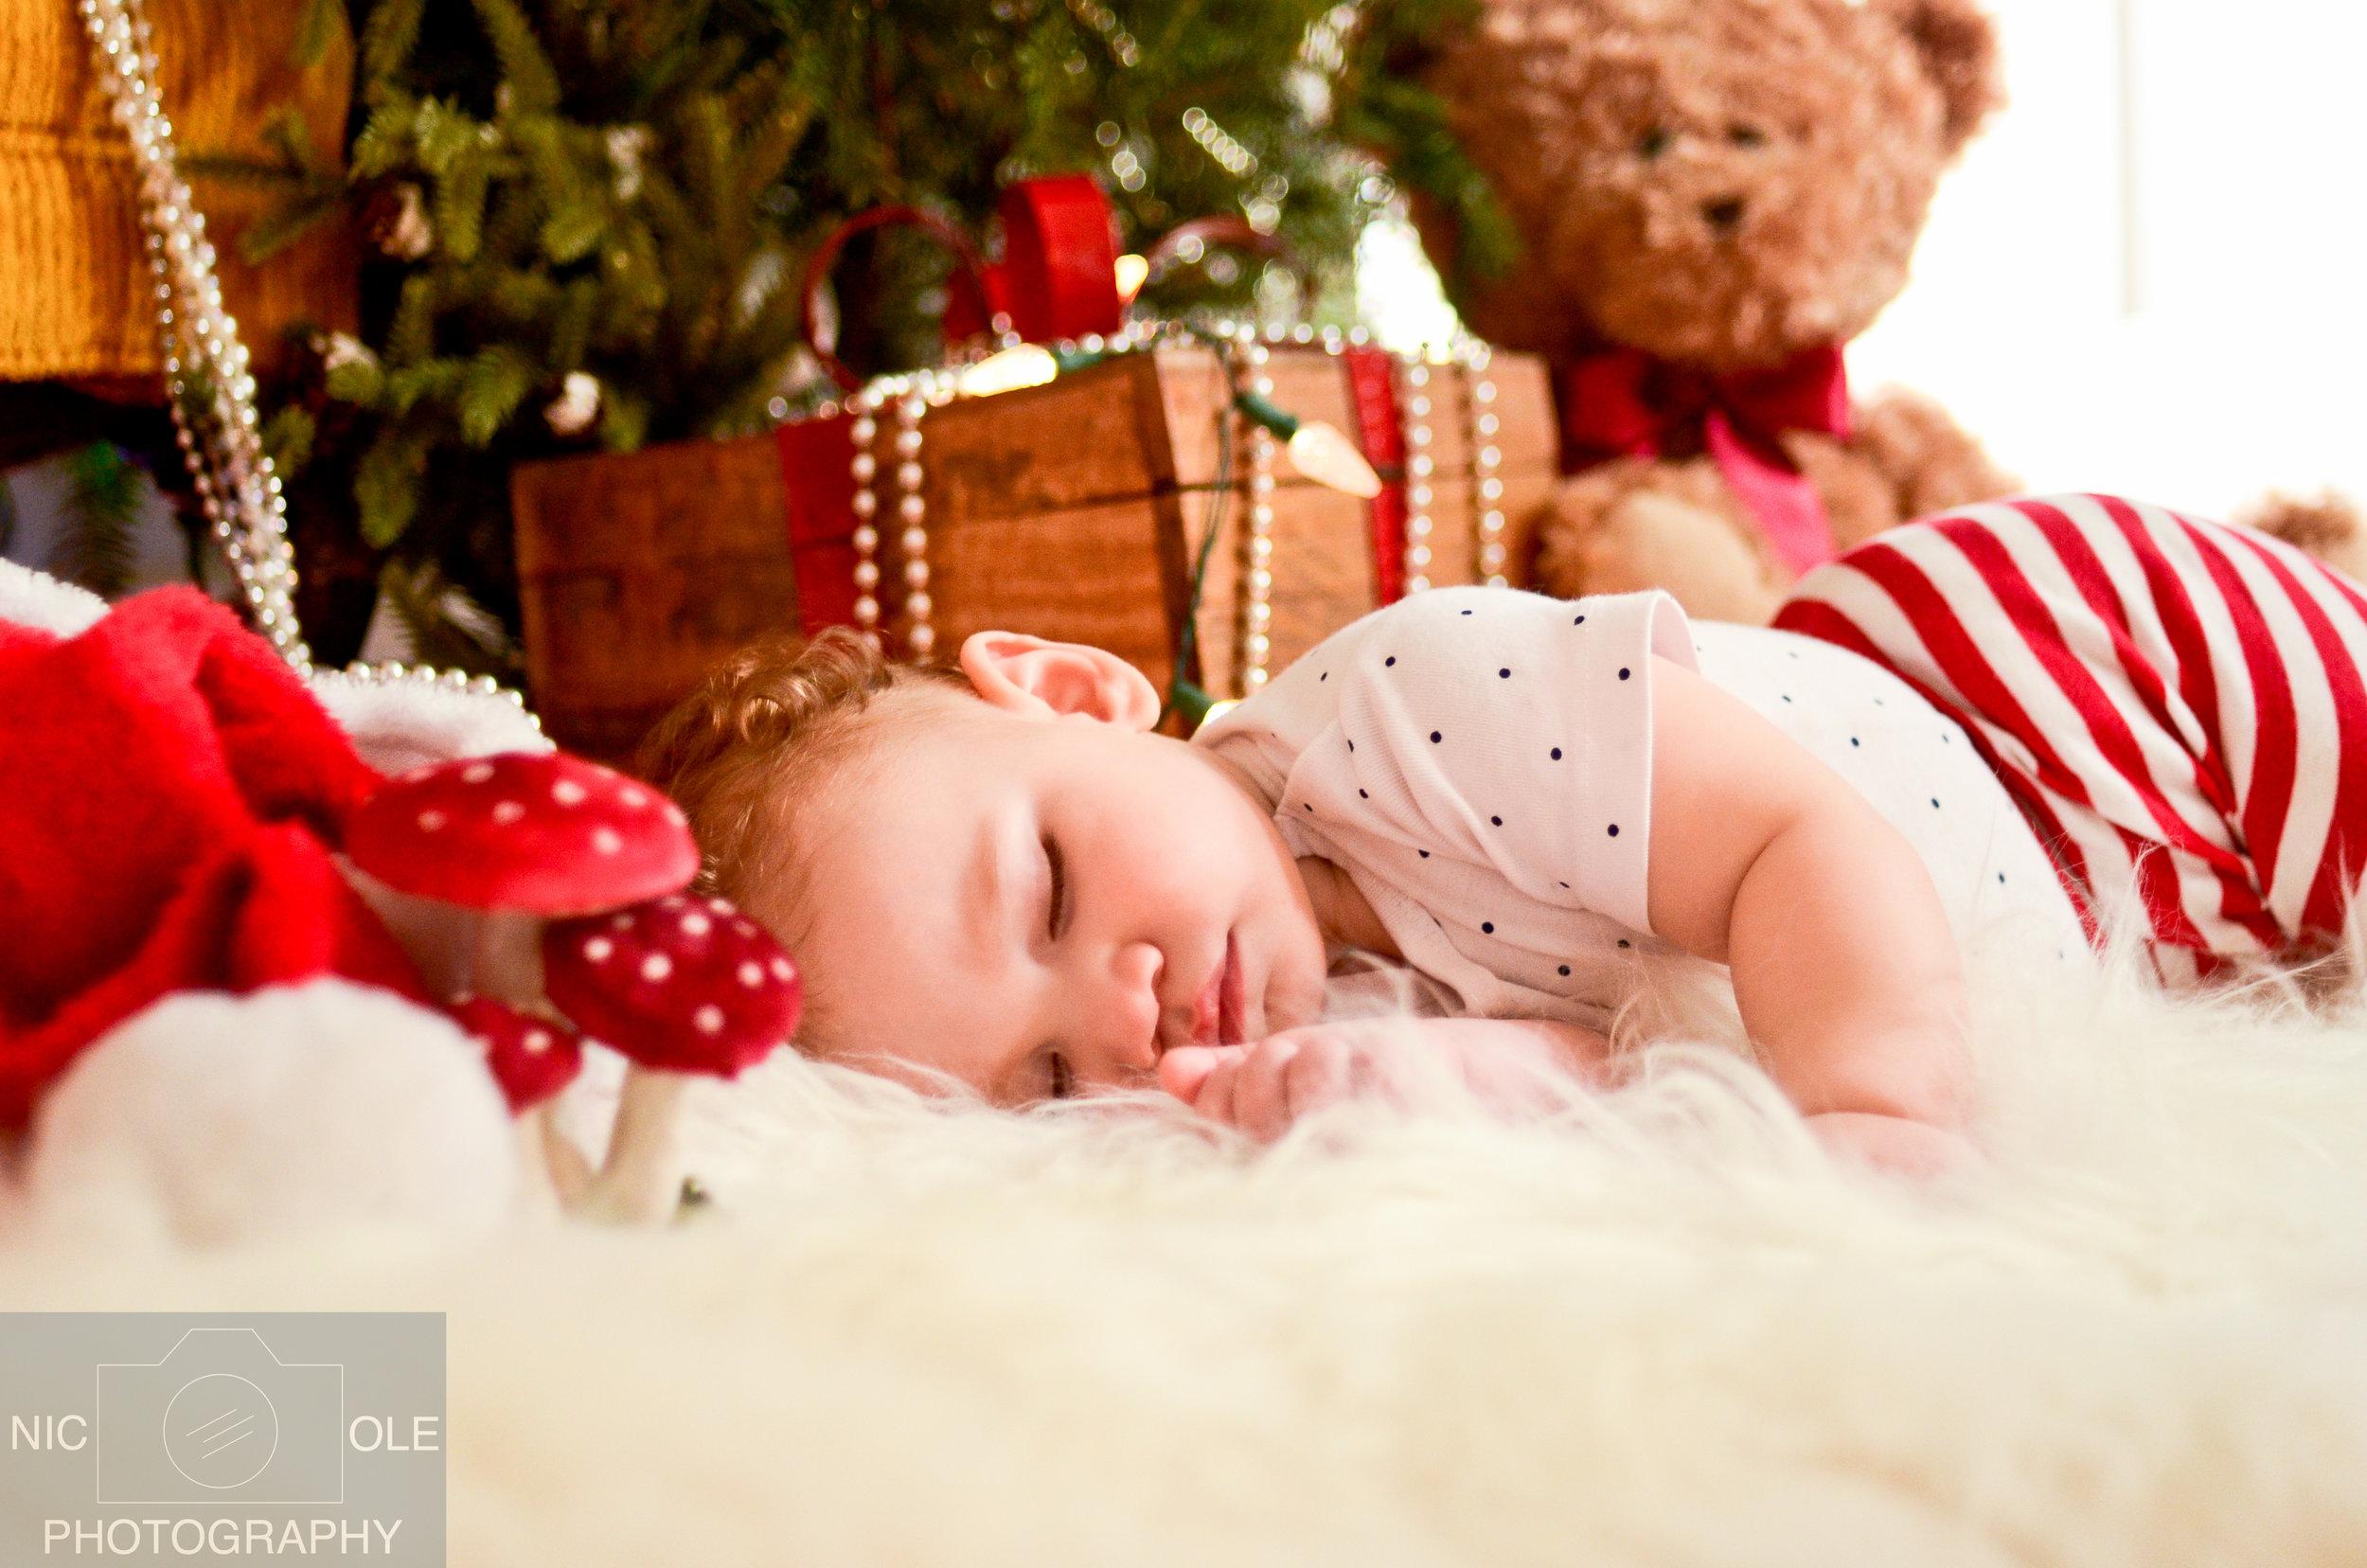 O&Z Christmas Photos- Nic.Ole Photography-8.jpg